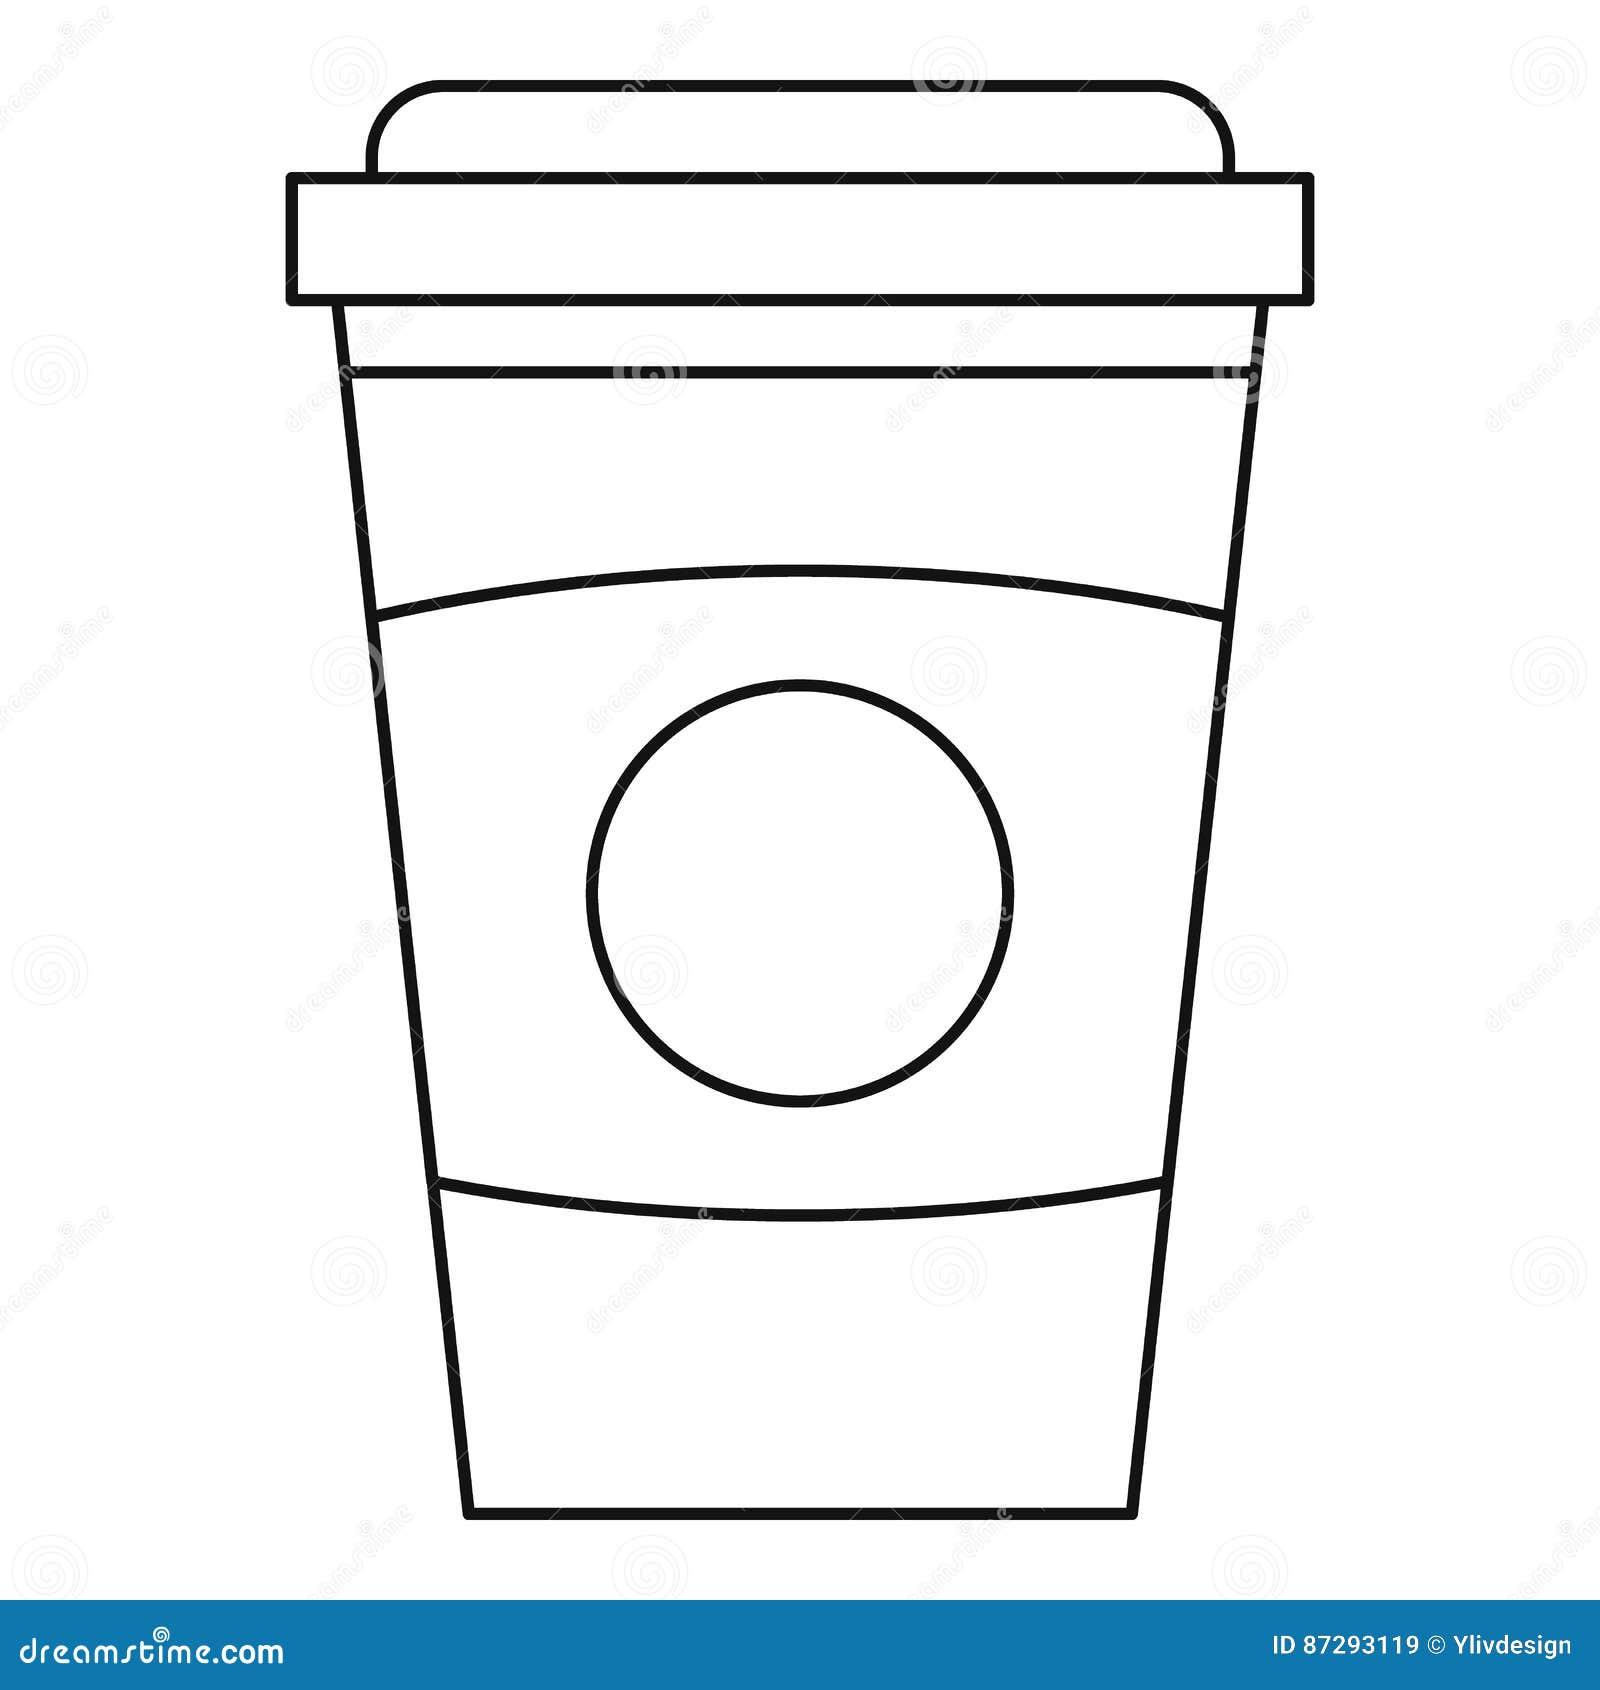 mug outline bing images